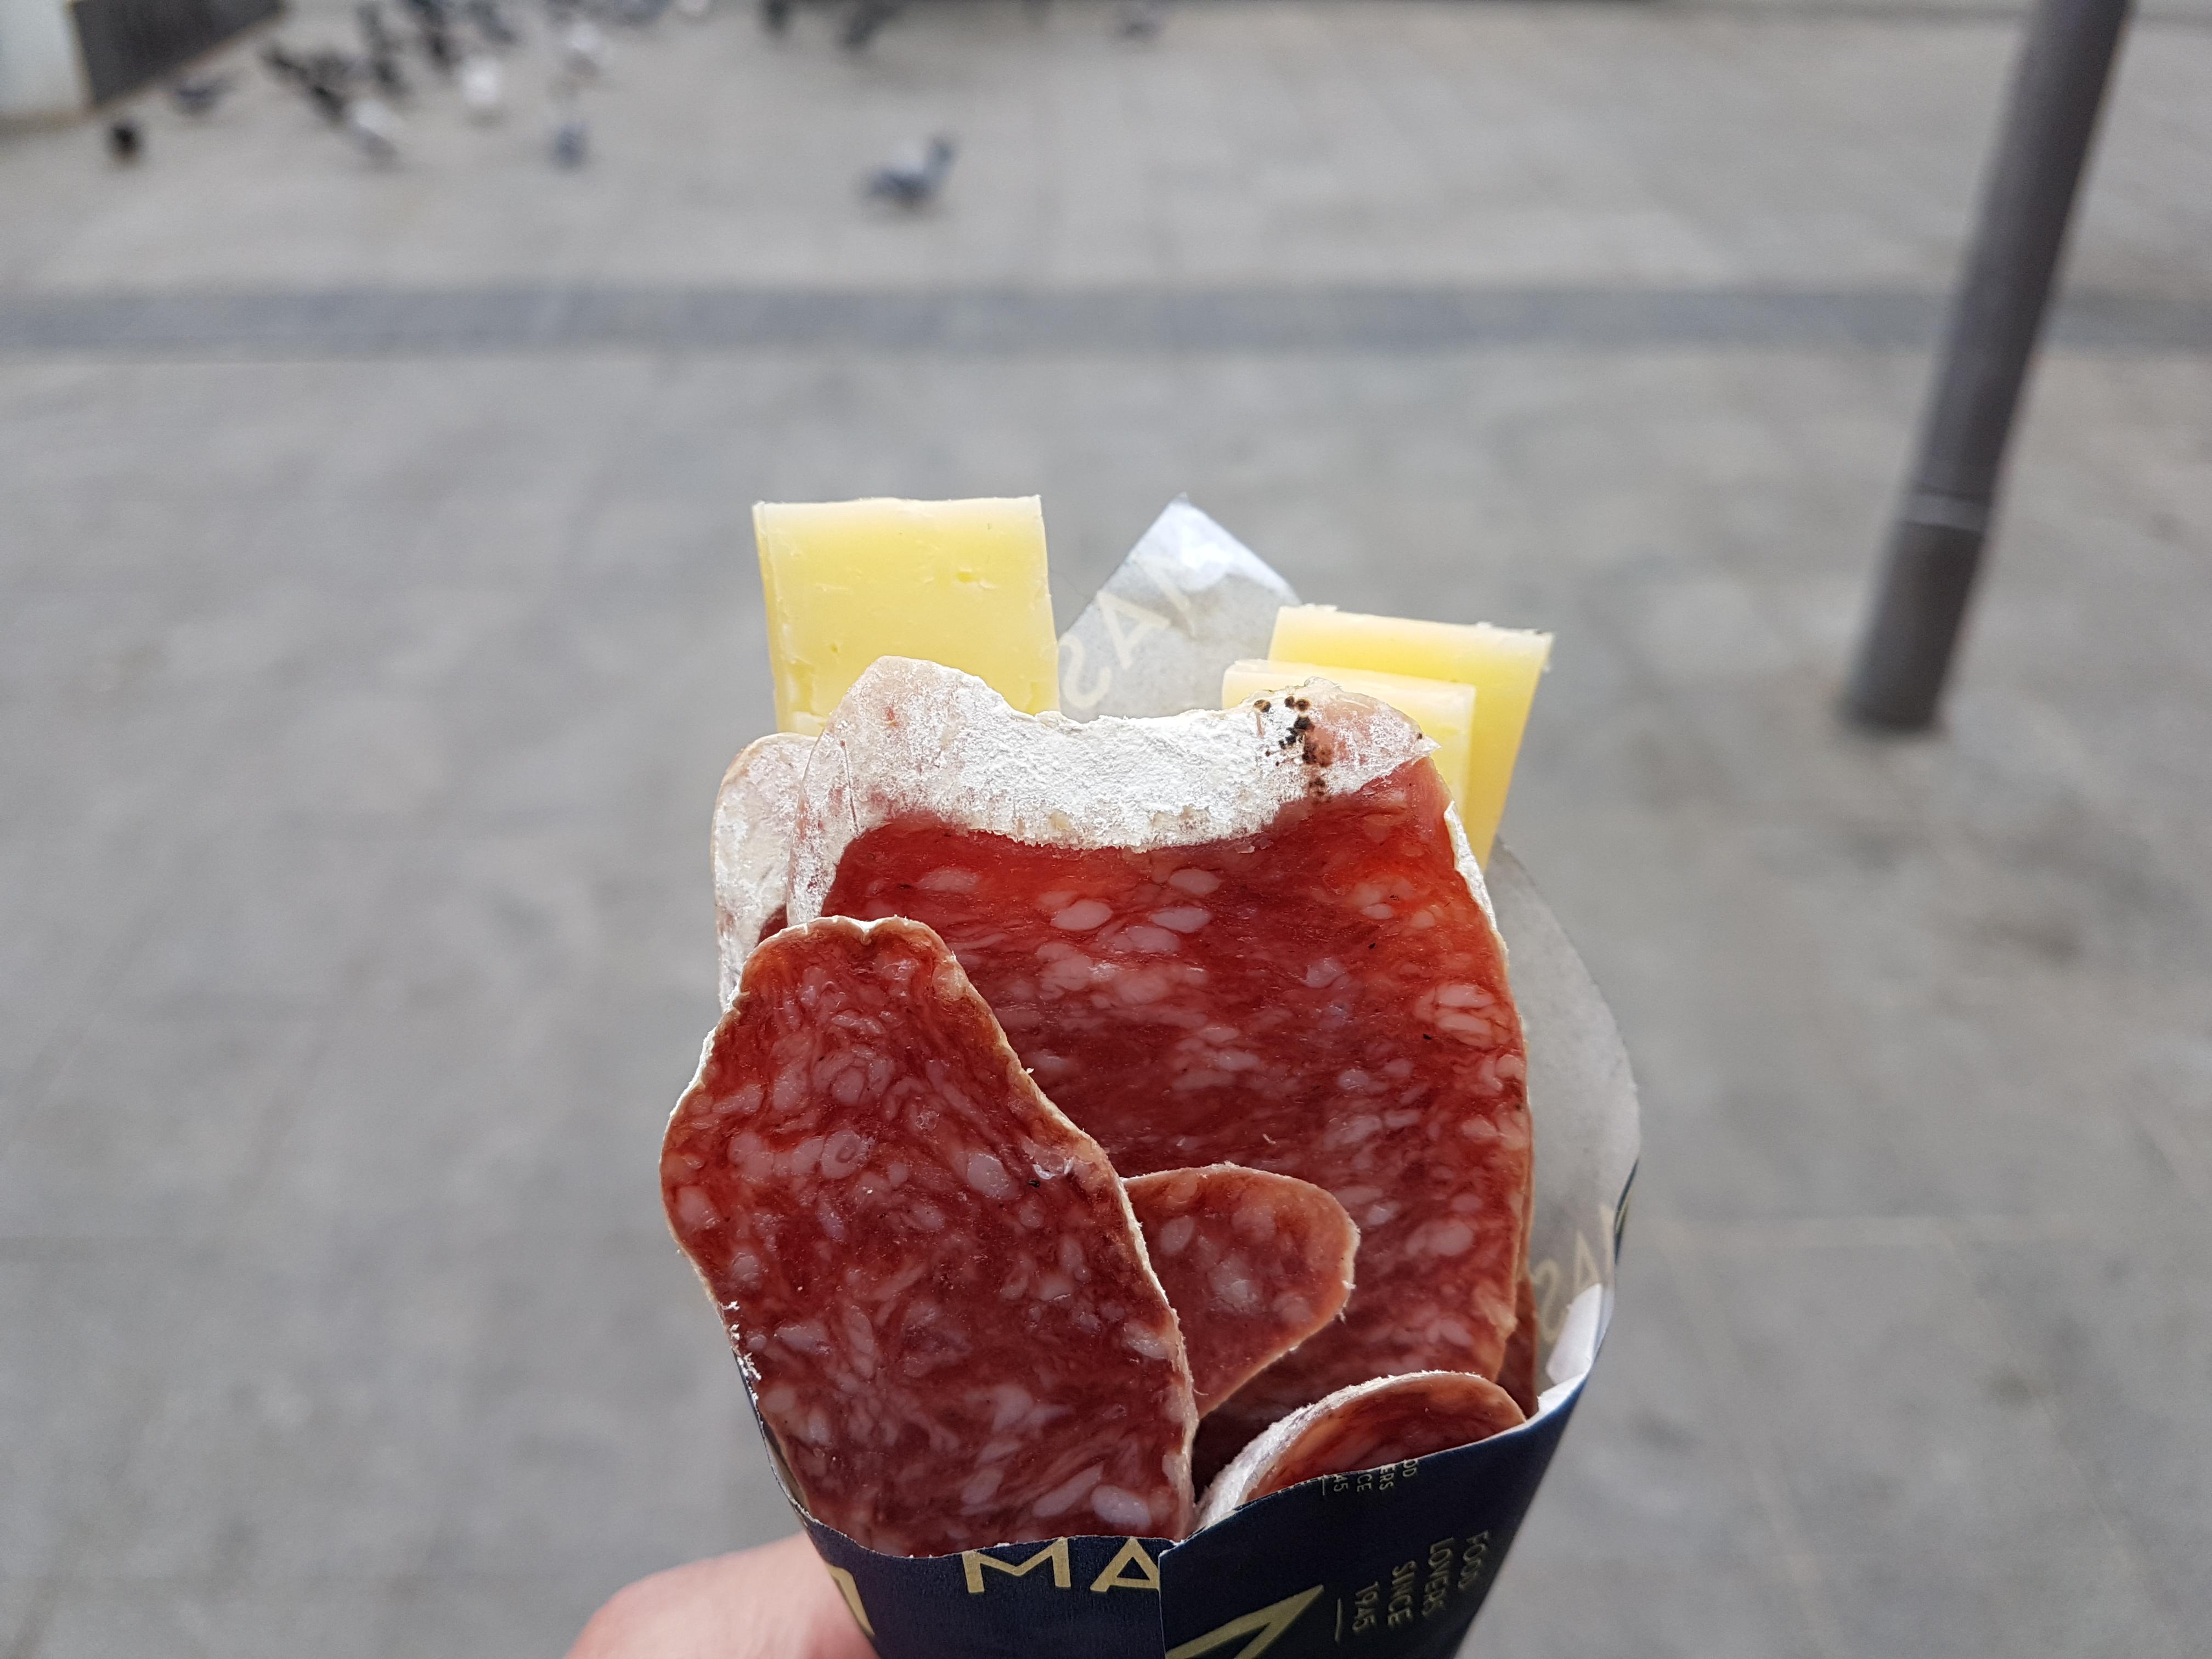 https://foodloader.net/Holz_2019-01-29_Salami_und_Kaese.jpg